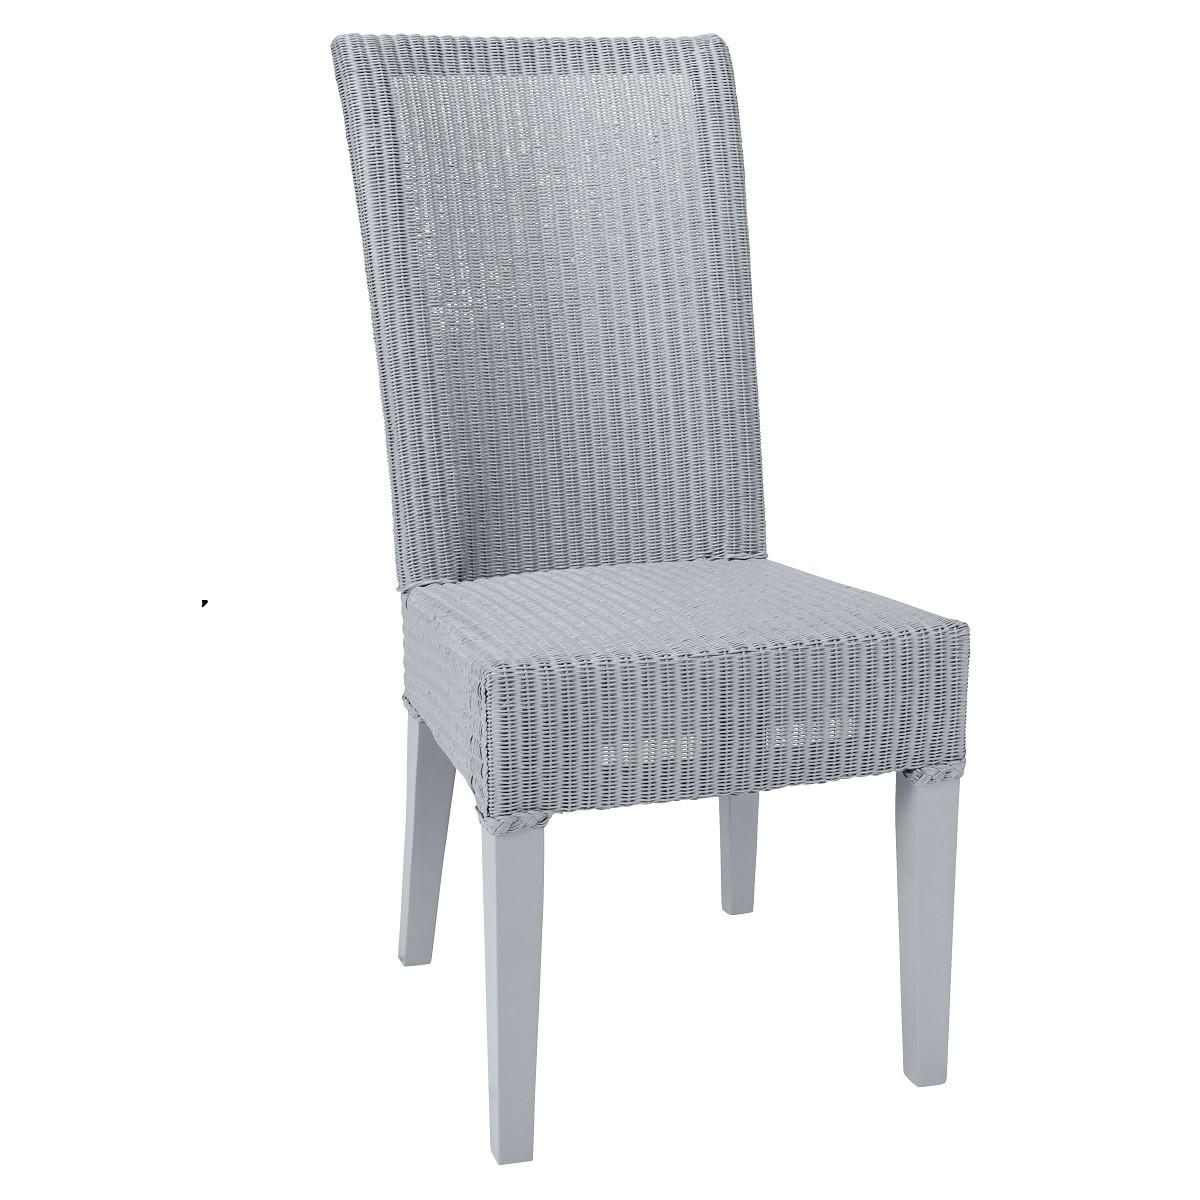 maison du monde Chaise en Lloyd Loom laqué bleu gris